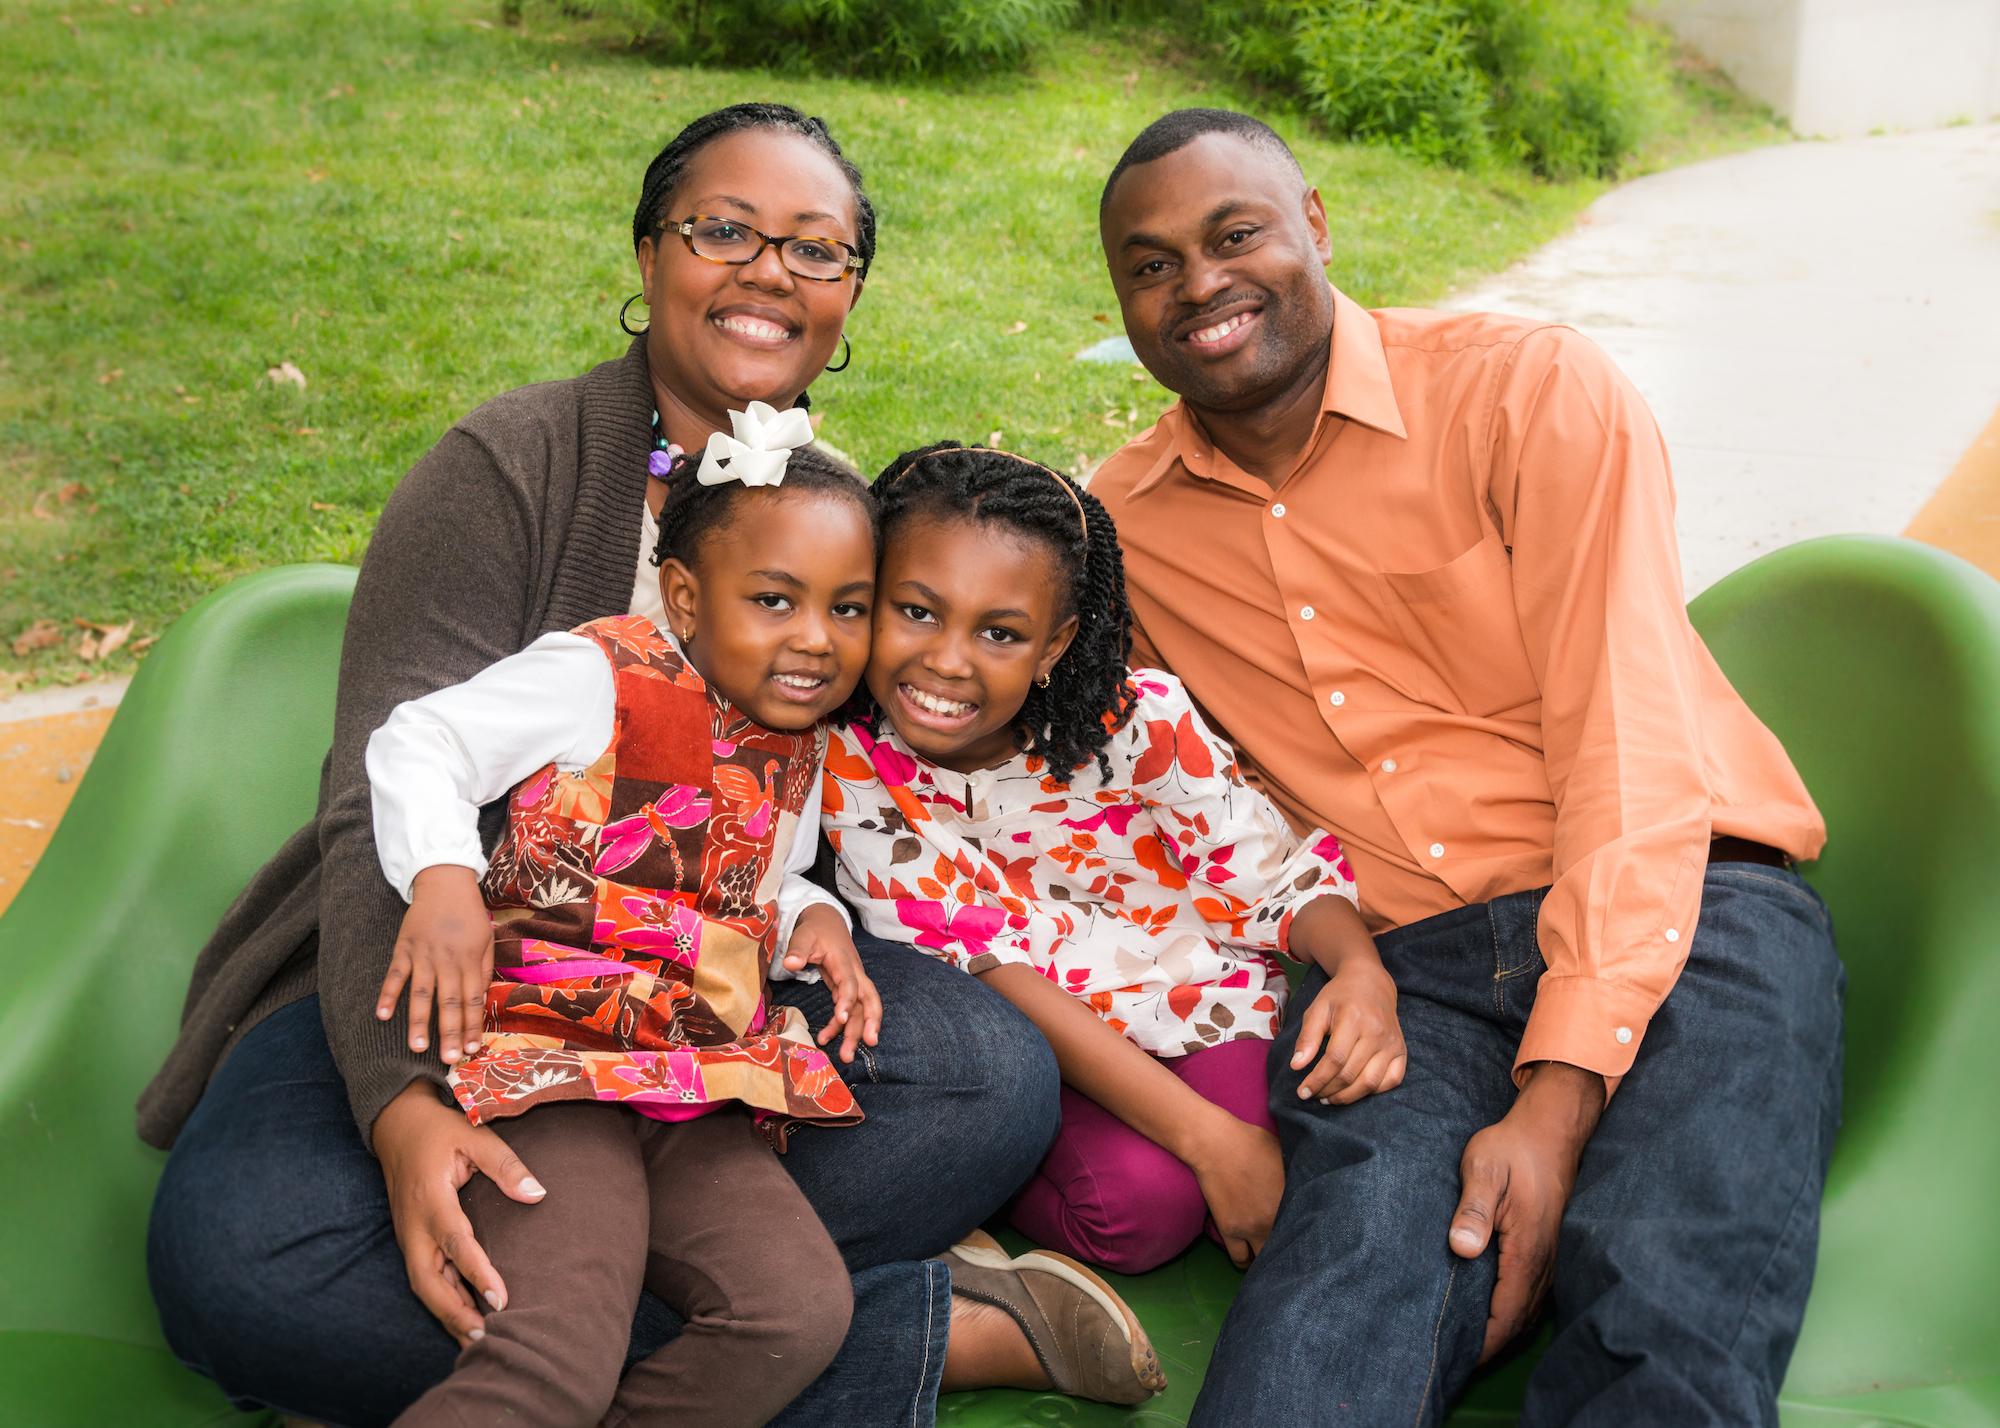 The Luke Family at DC's Takoma Park Recreation Center